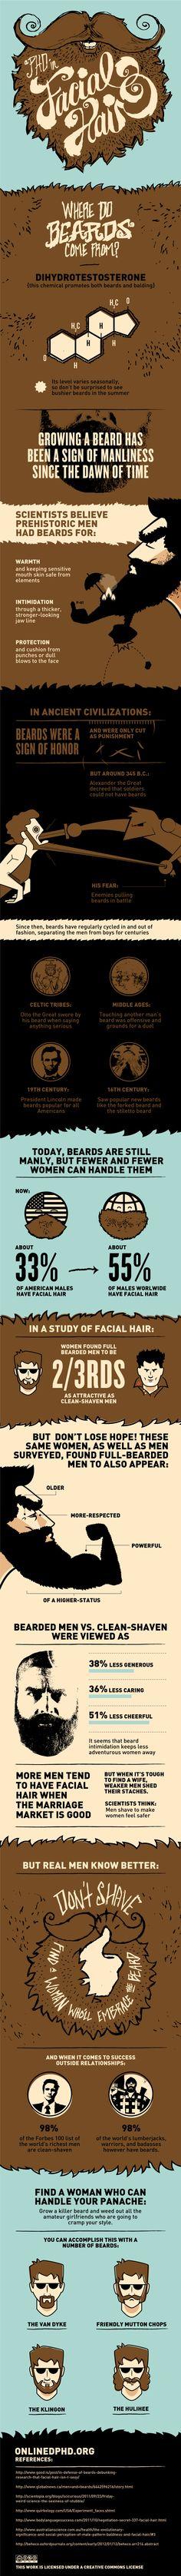 A PHD in Facial Hair.